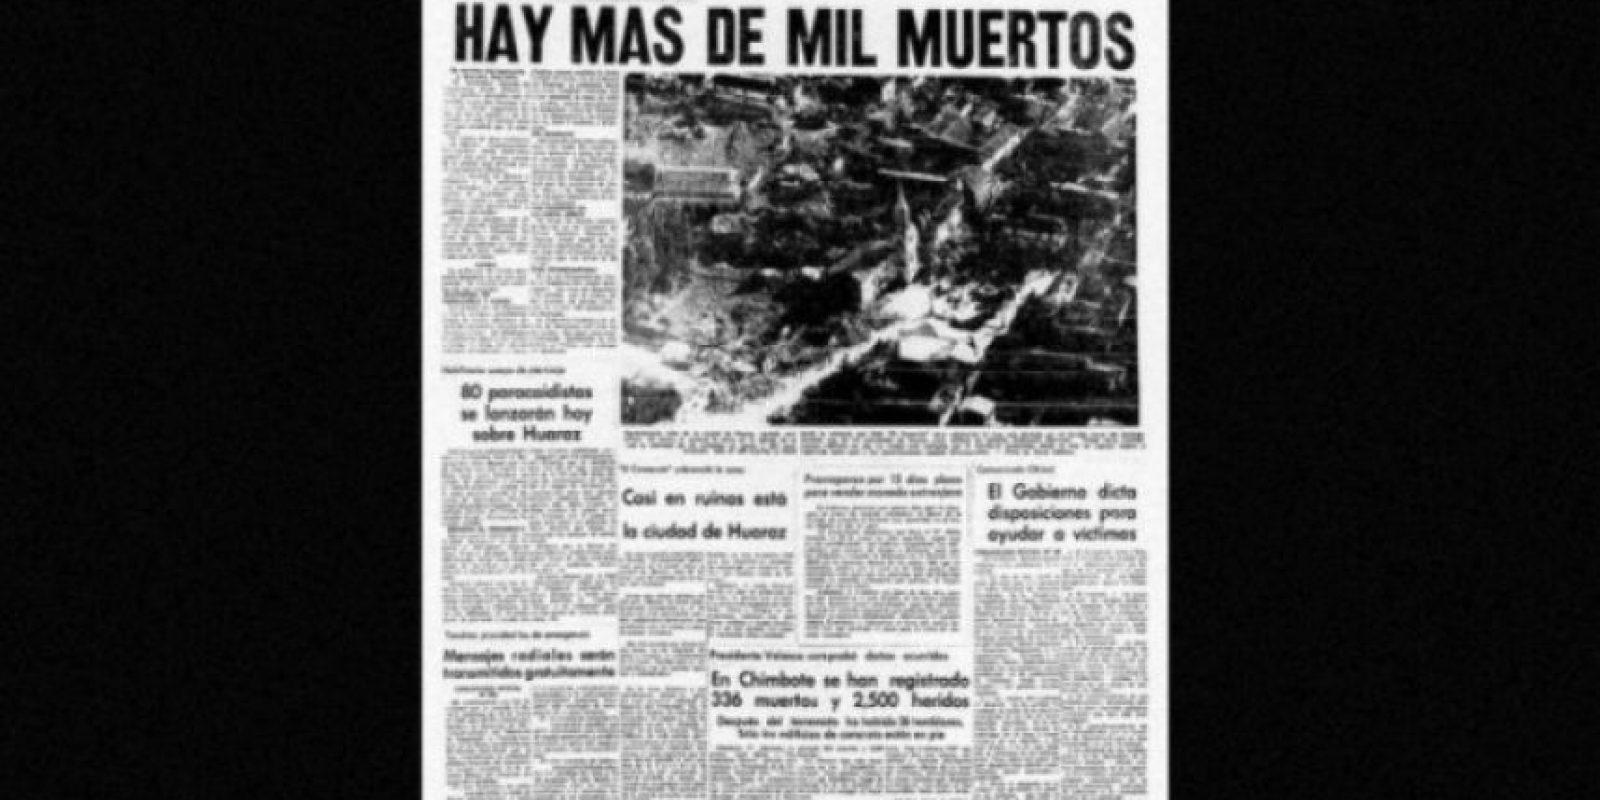 3. 31 de mayo de 1970, Chimbote, Perú: Más de 50 mil personas fallecidas dejó el terremoto con magnitud de 7.9. Foto:Arkivperu.com